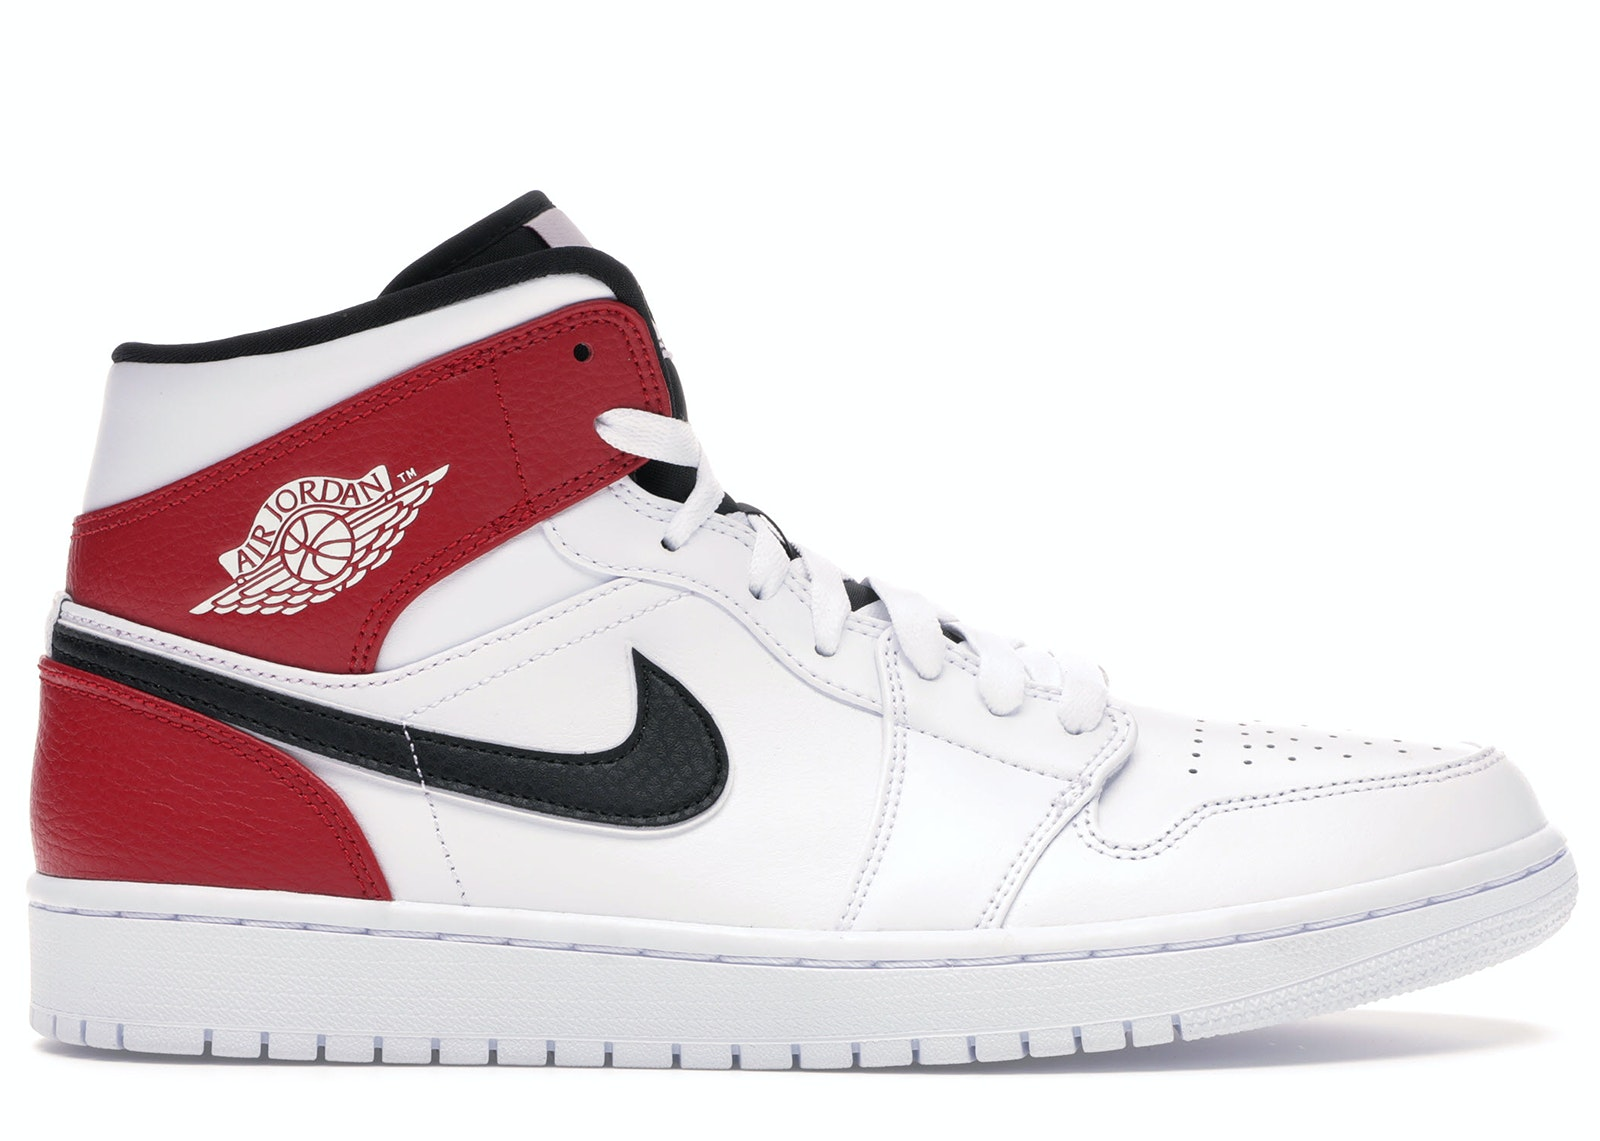 jordan 1 black white red